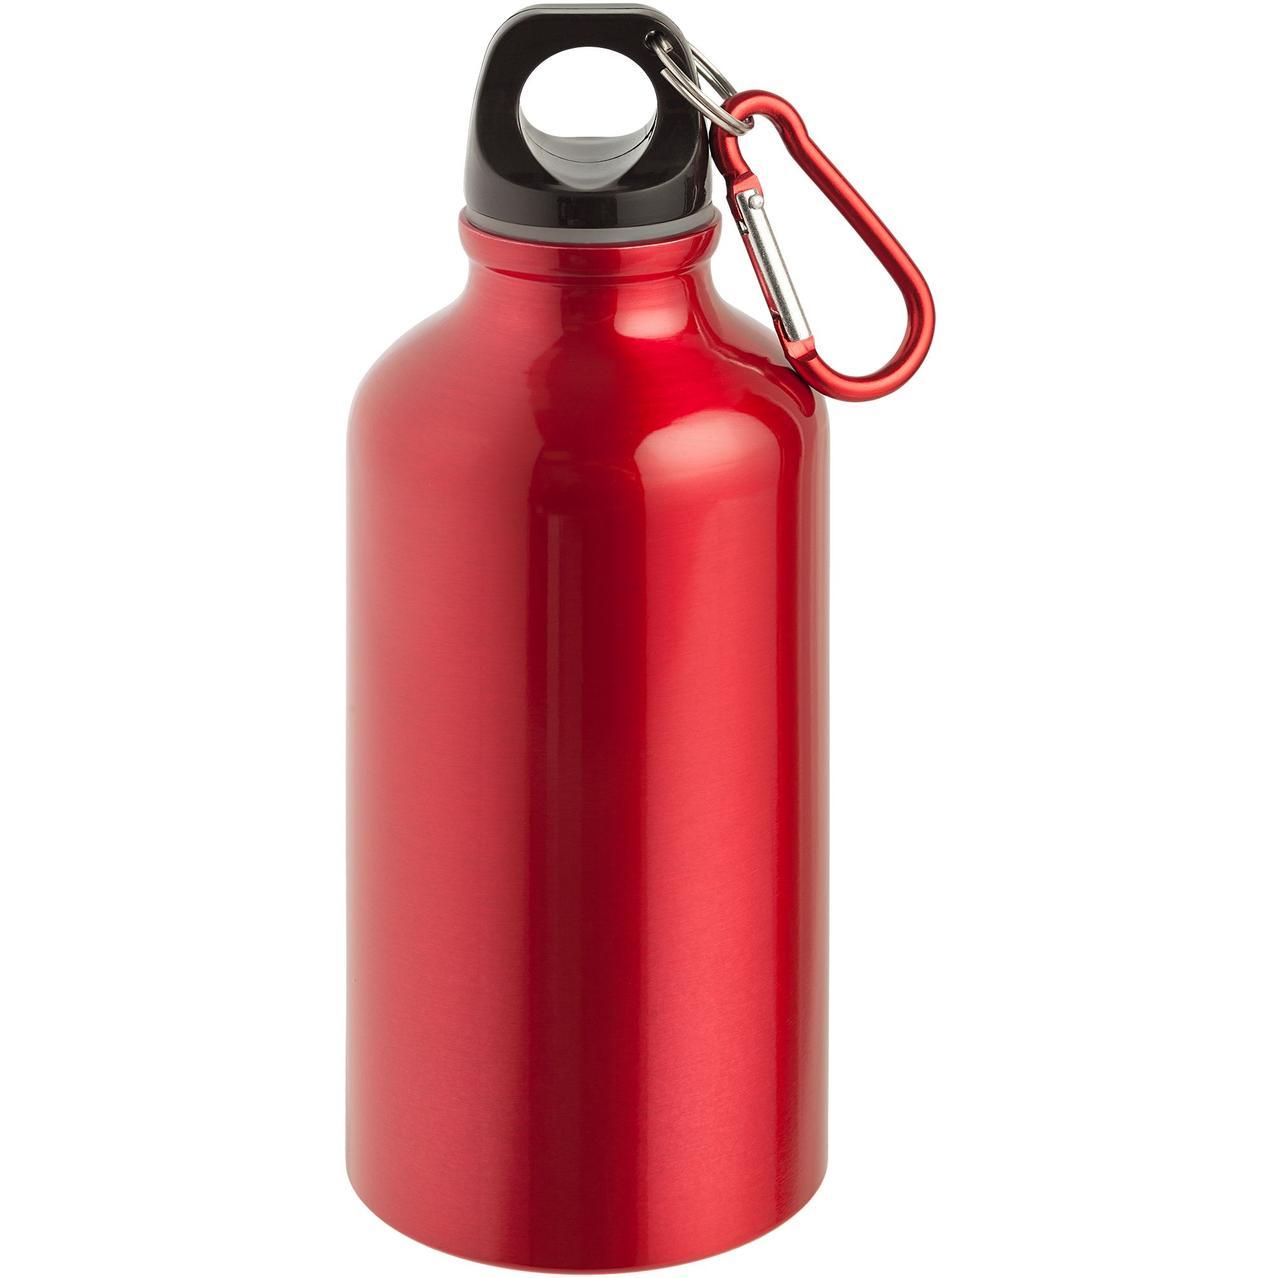 Бутылка для спорта Re-Source, красная (артикул 7504.50)